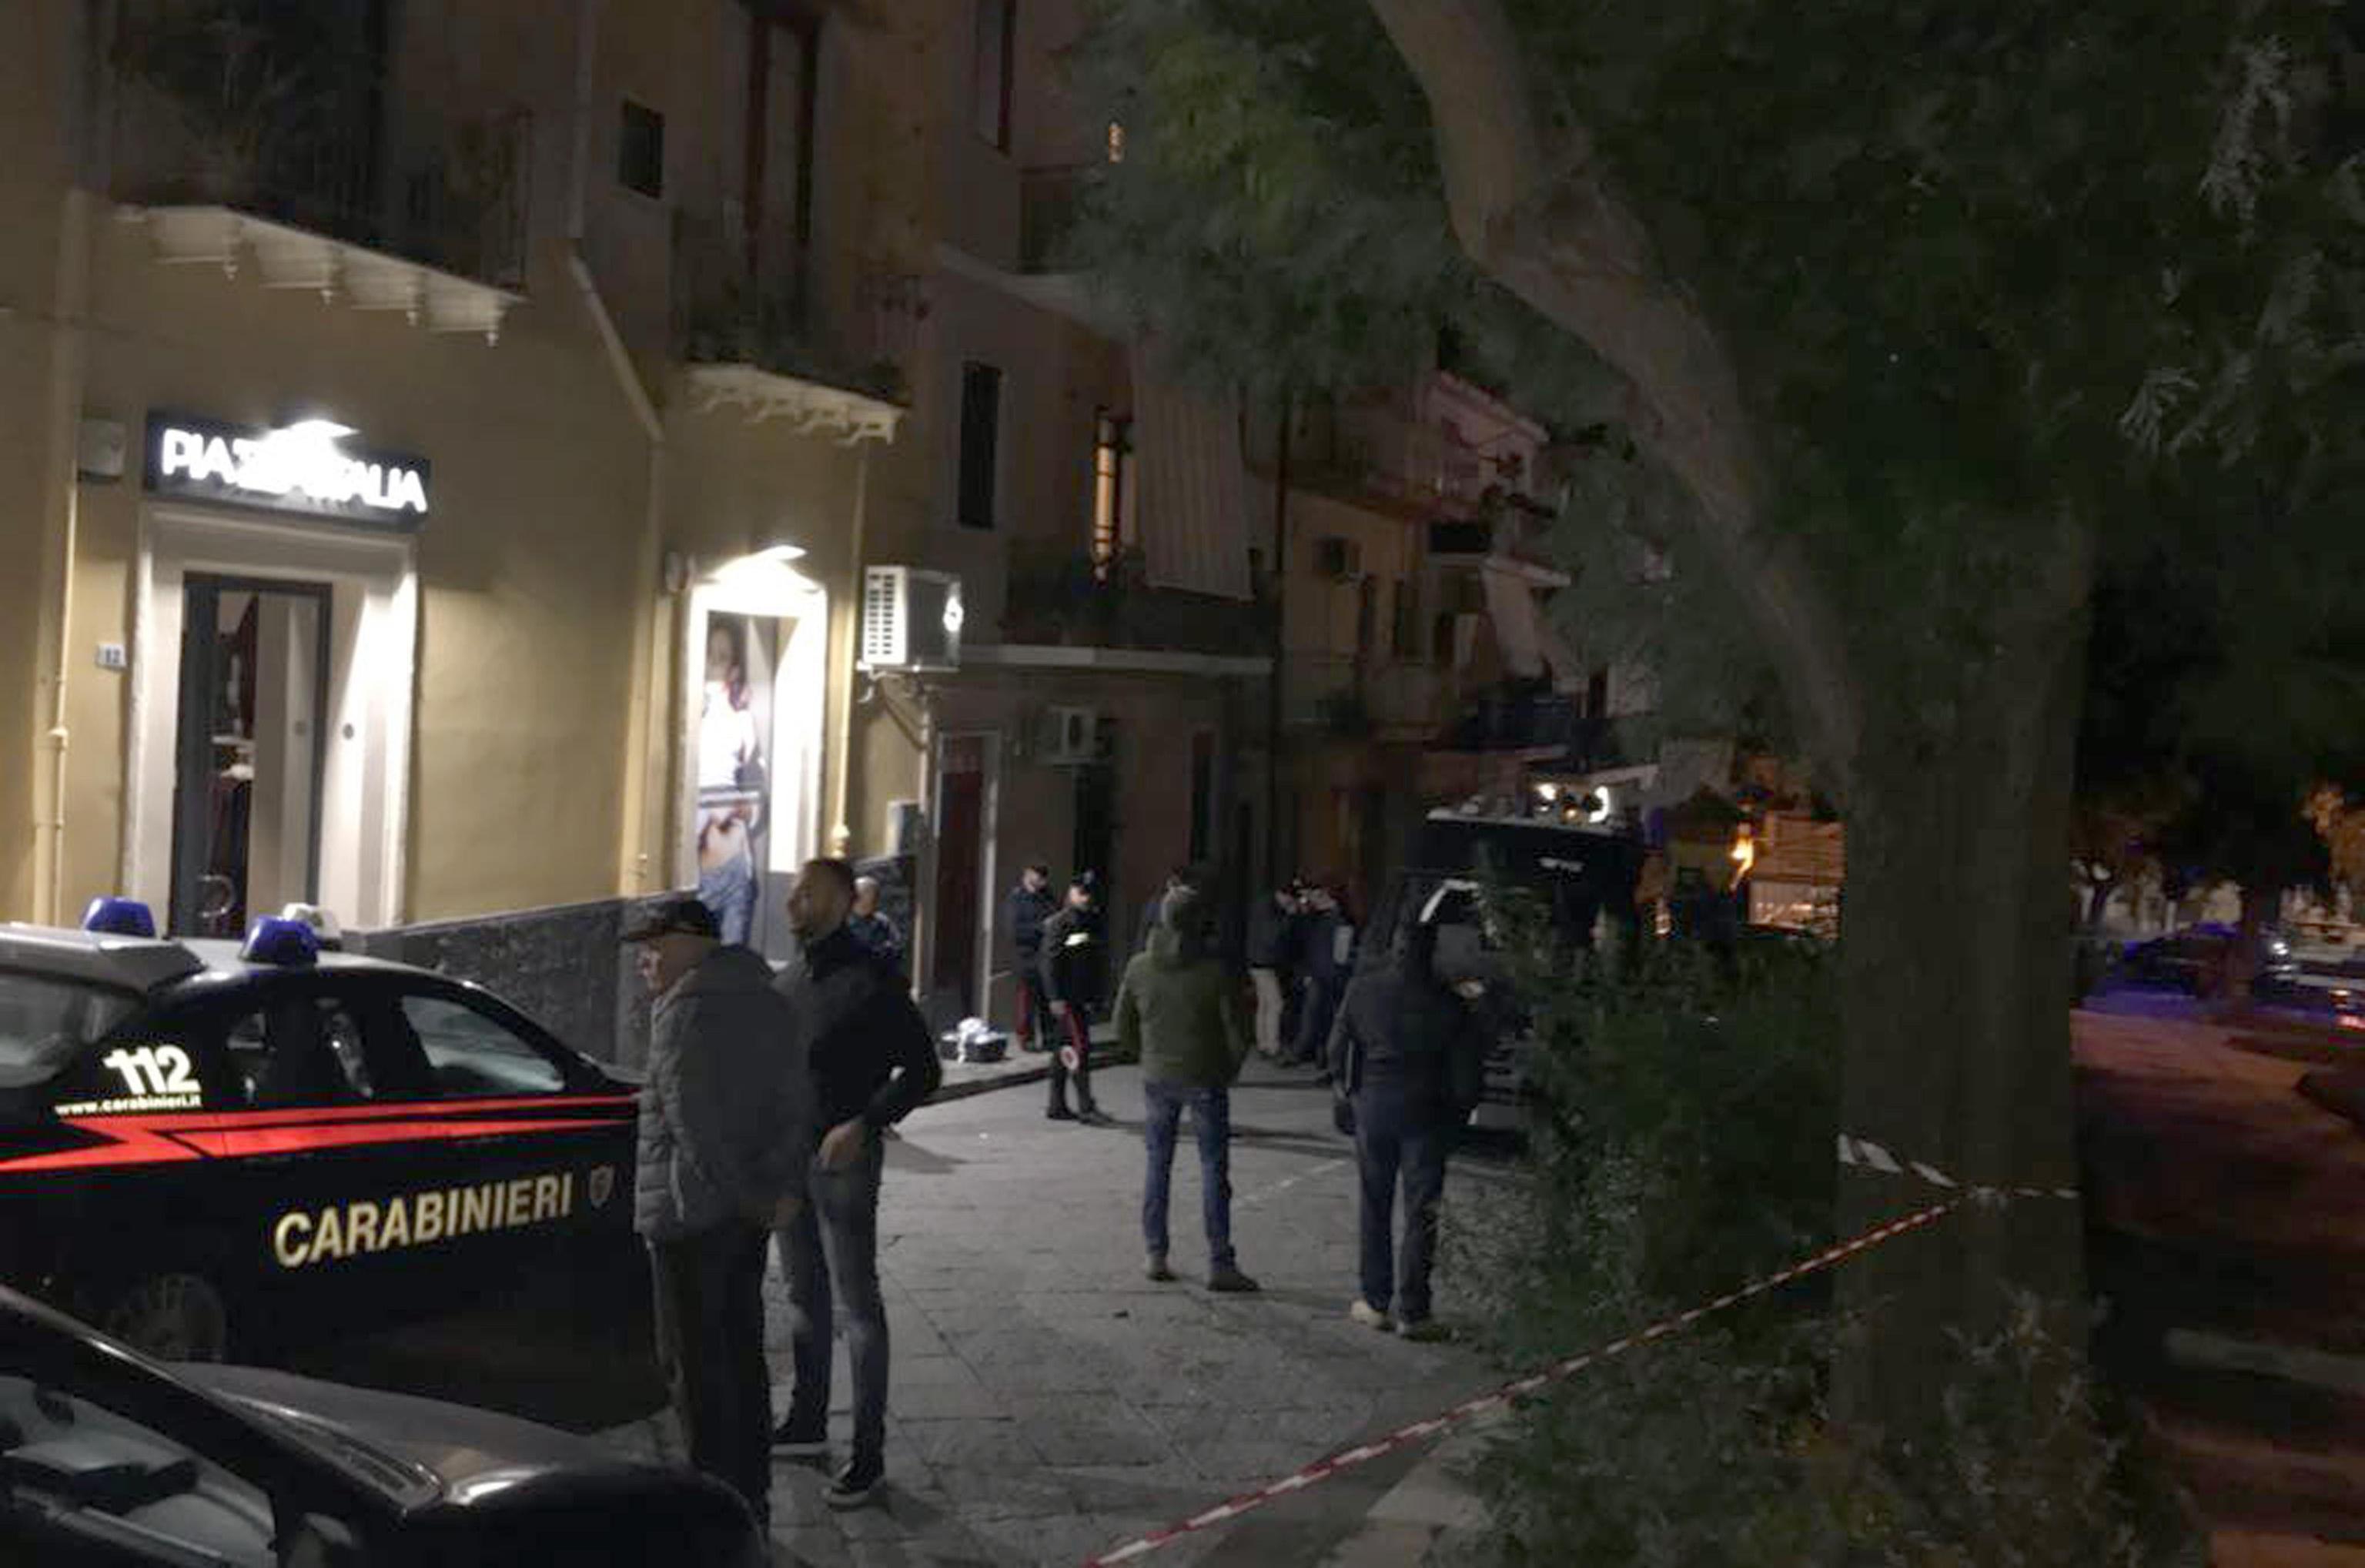 Omicidio Catania: due sorelle accoltellate in casa per rapina, arrestato trentenne